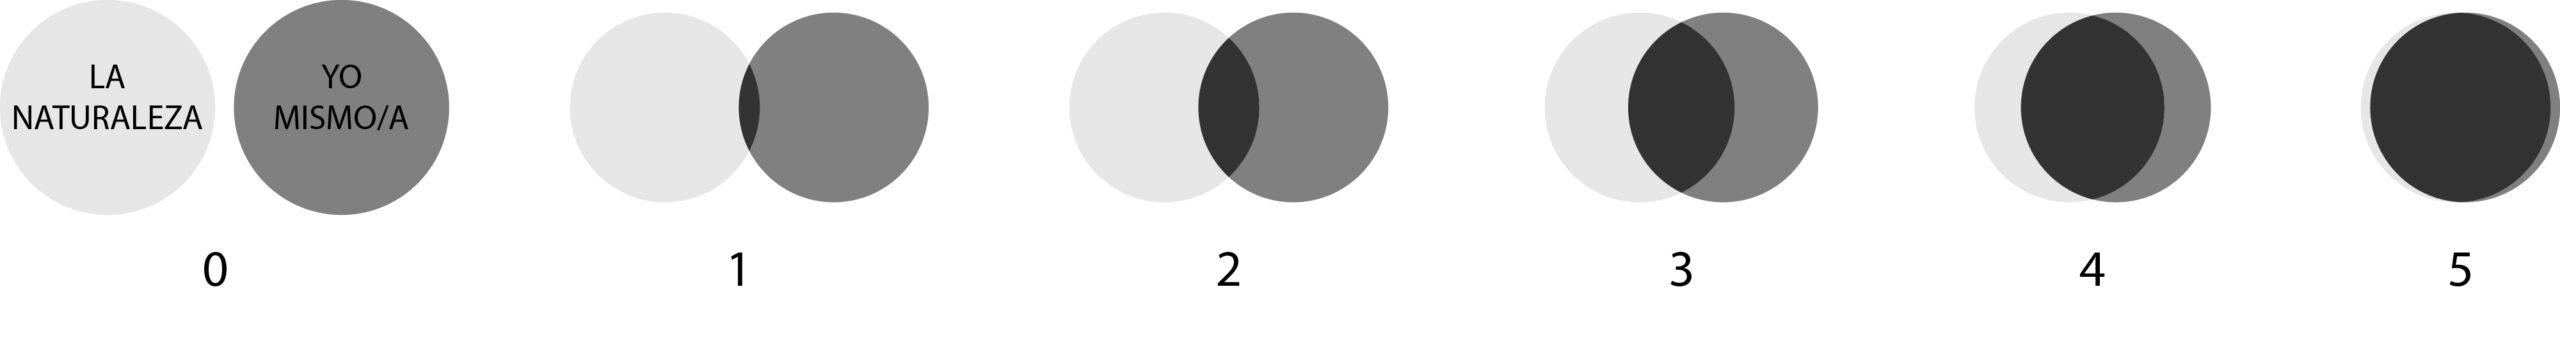 Dos círculos que representan